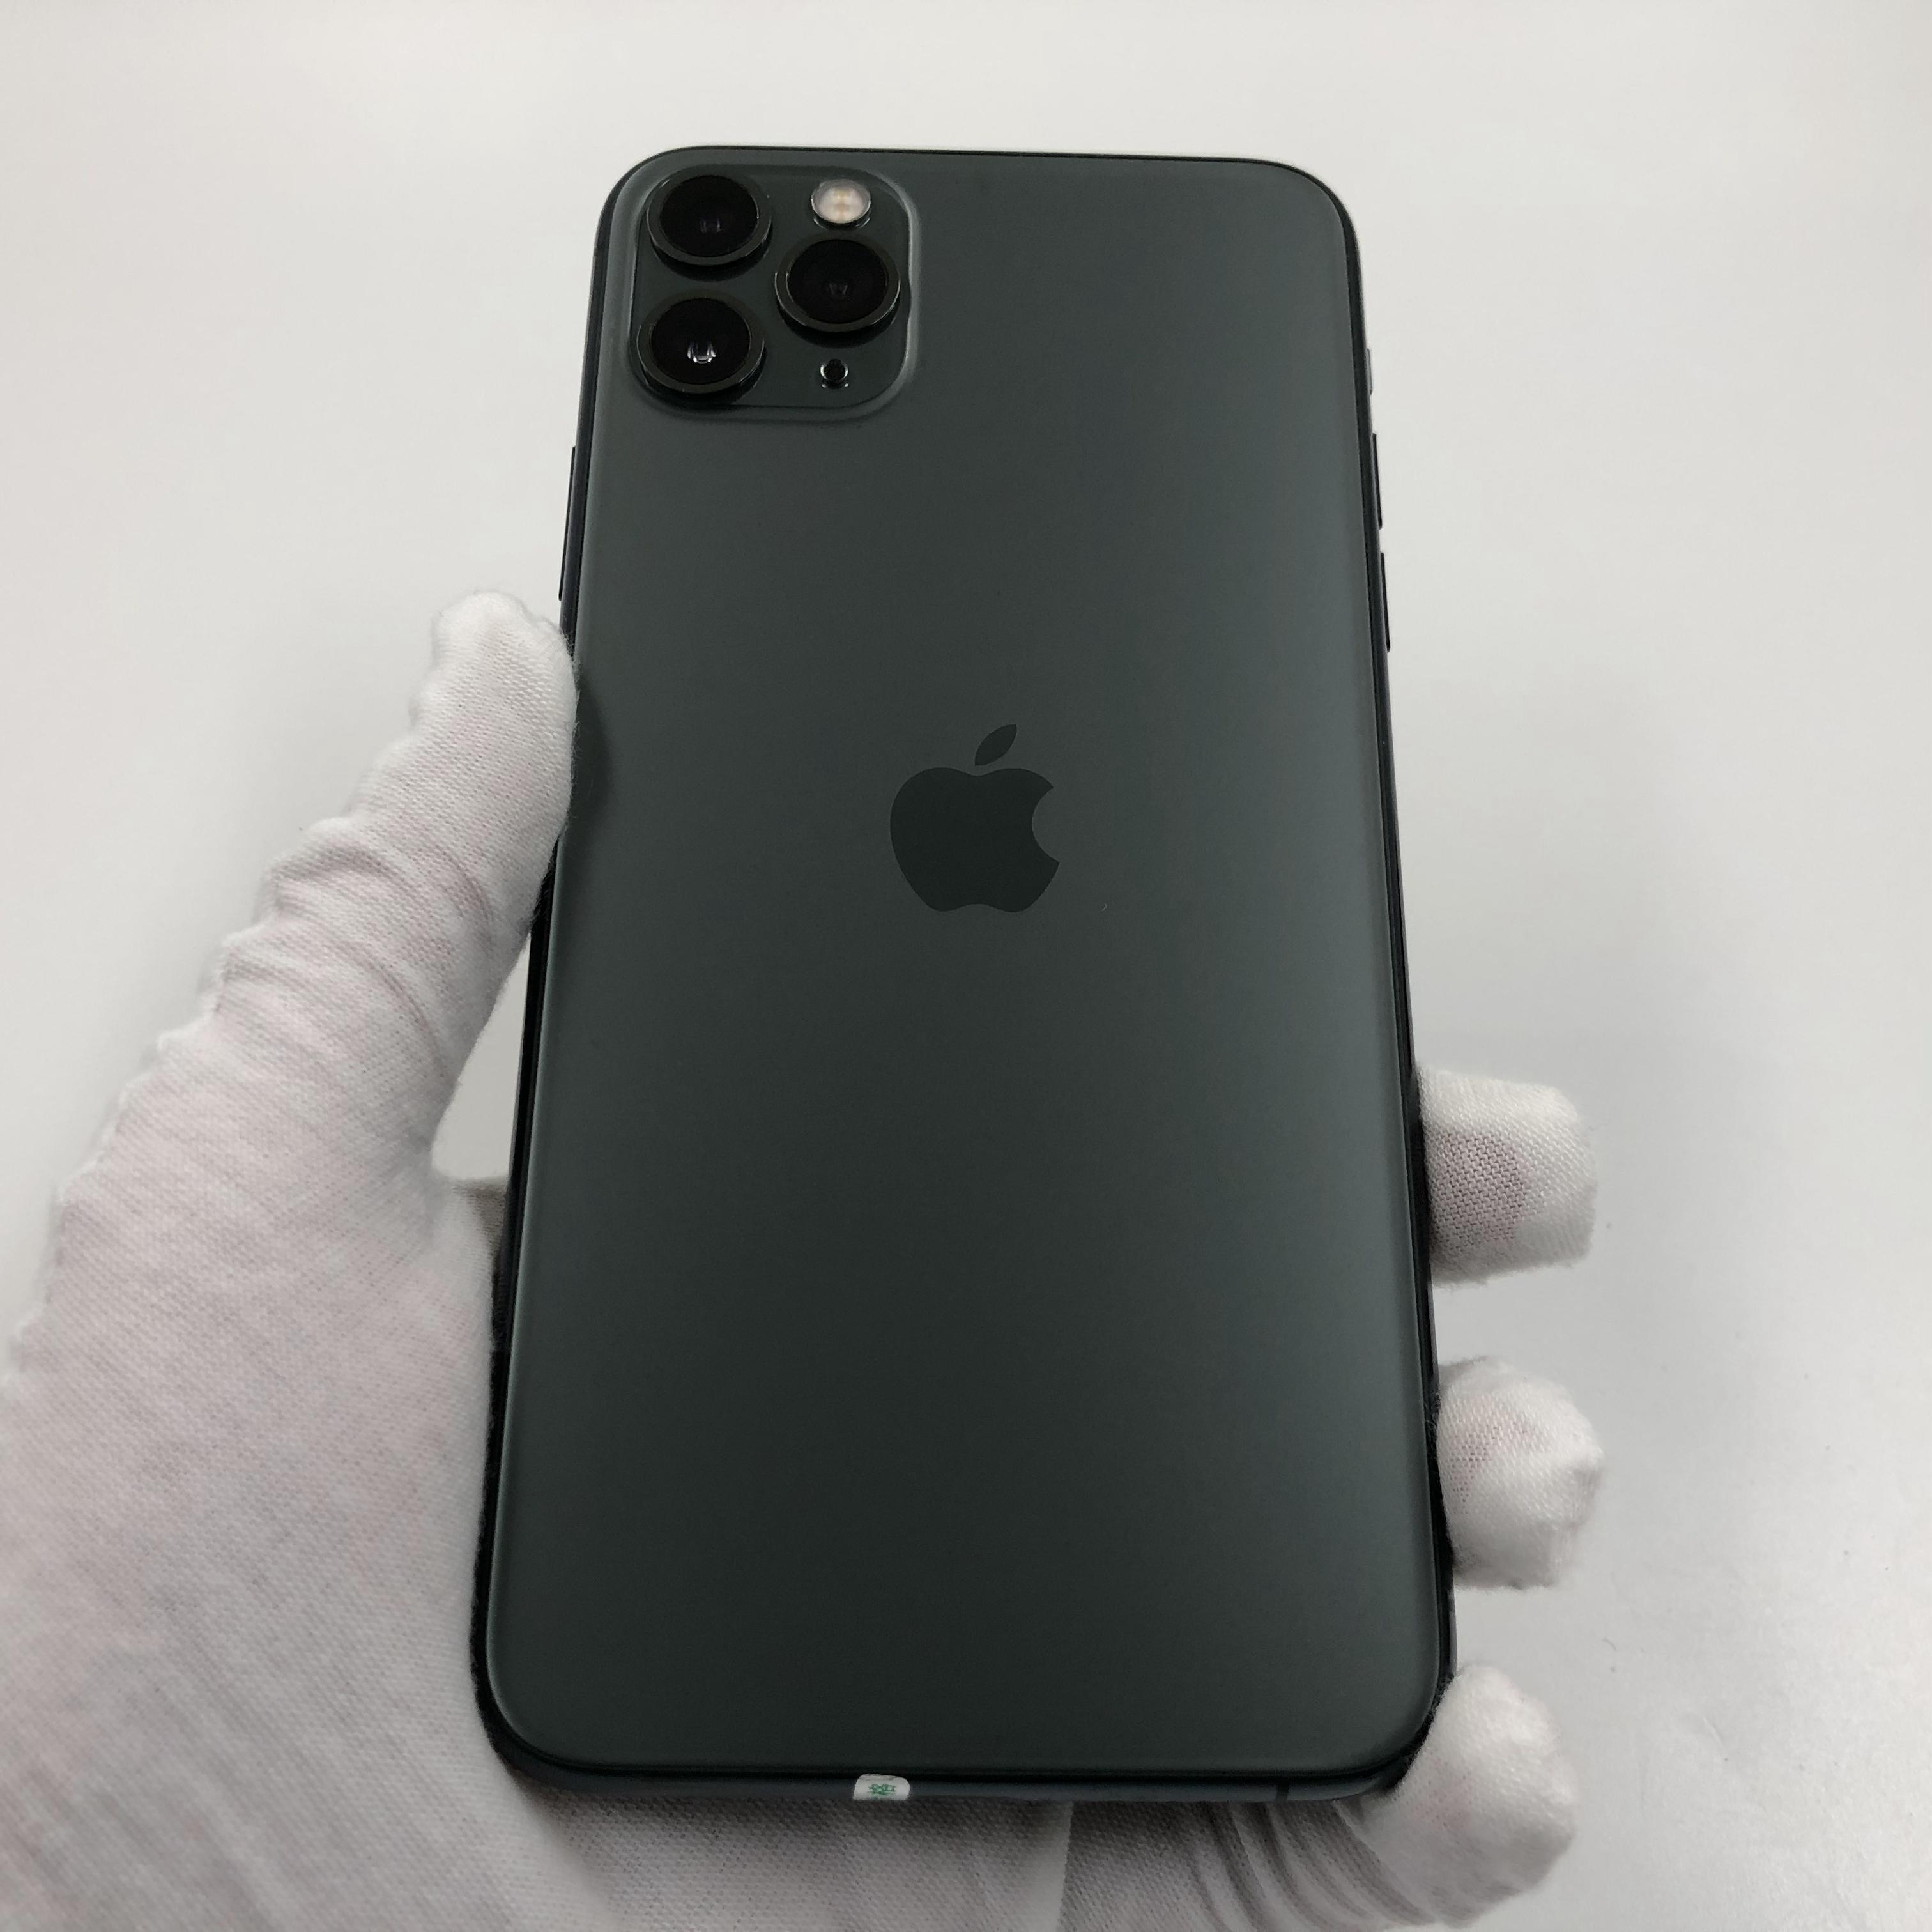 苹果【iPhone 11 Pro Max】4G全网通 暗夜绿色 64G 国行 8成新 真机实拍